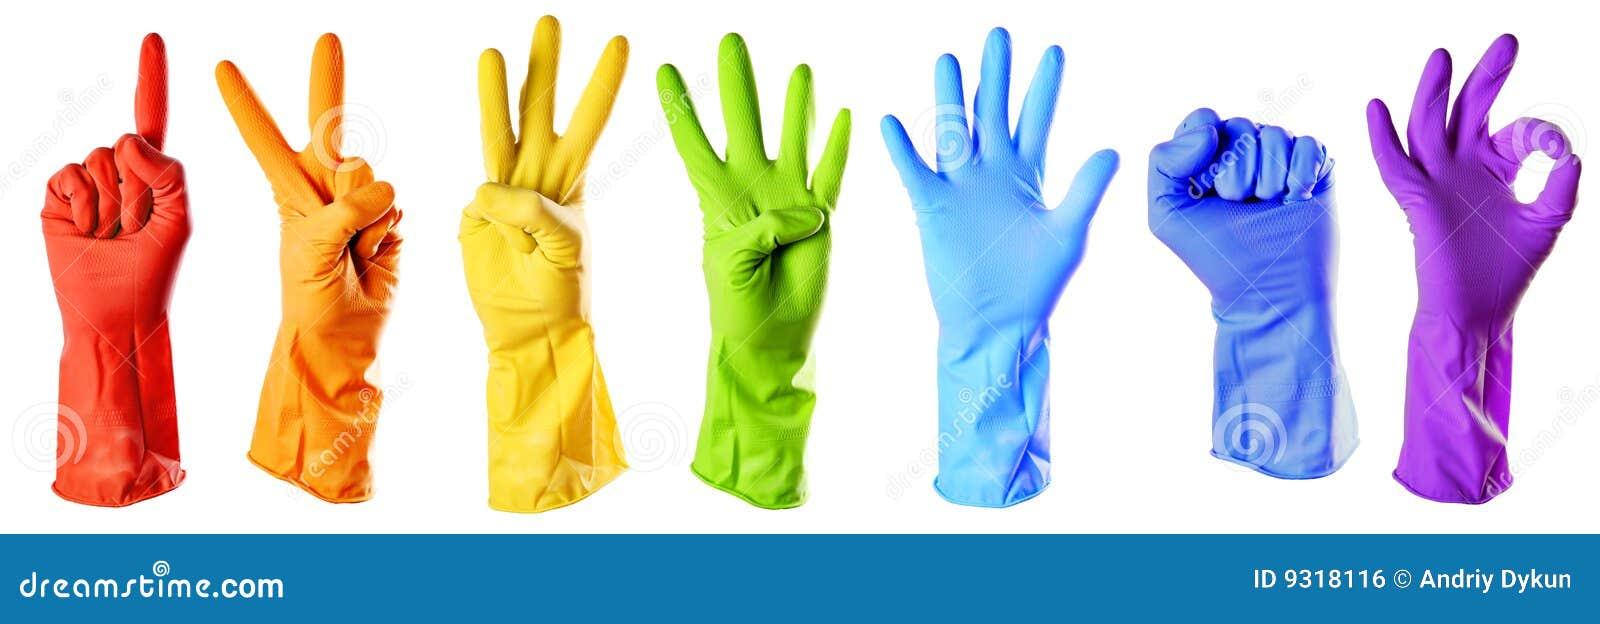 Koloru rękawiczek raibow guma